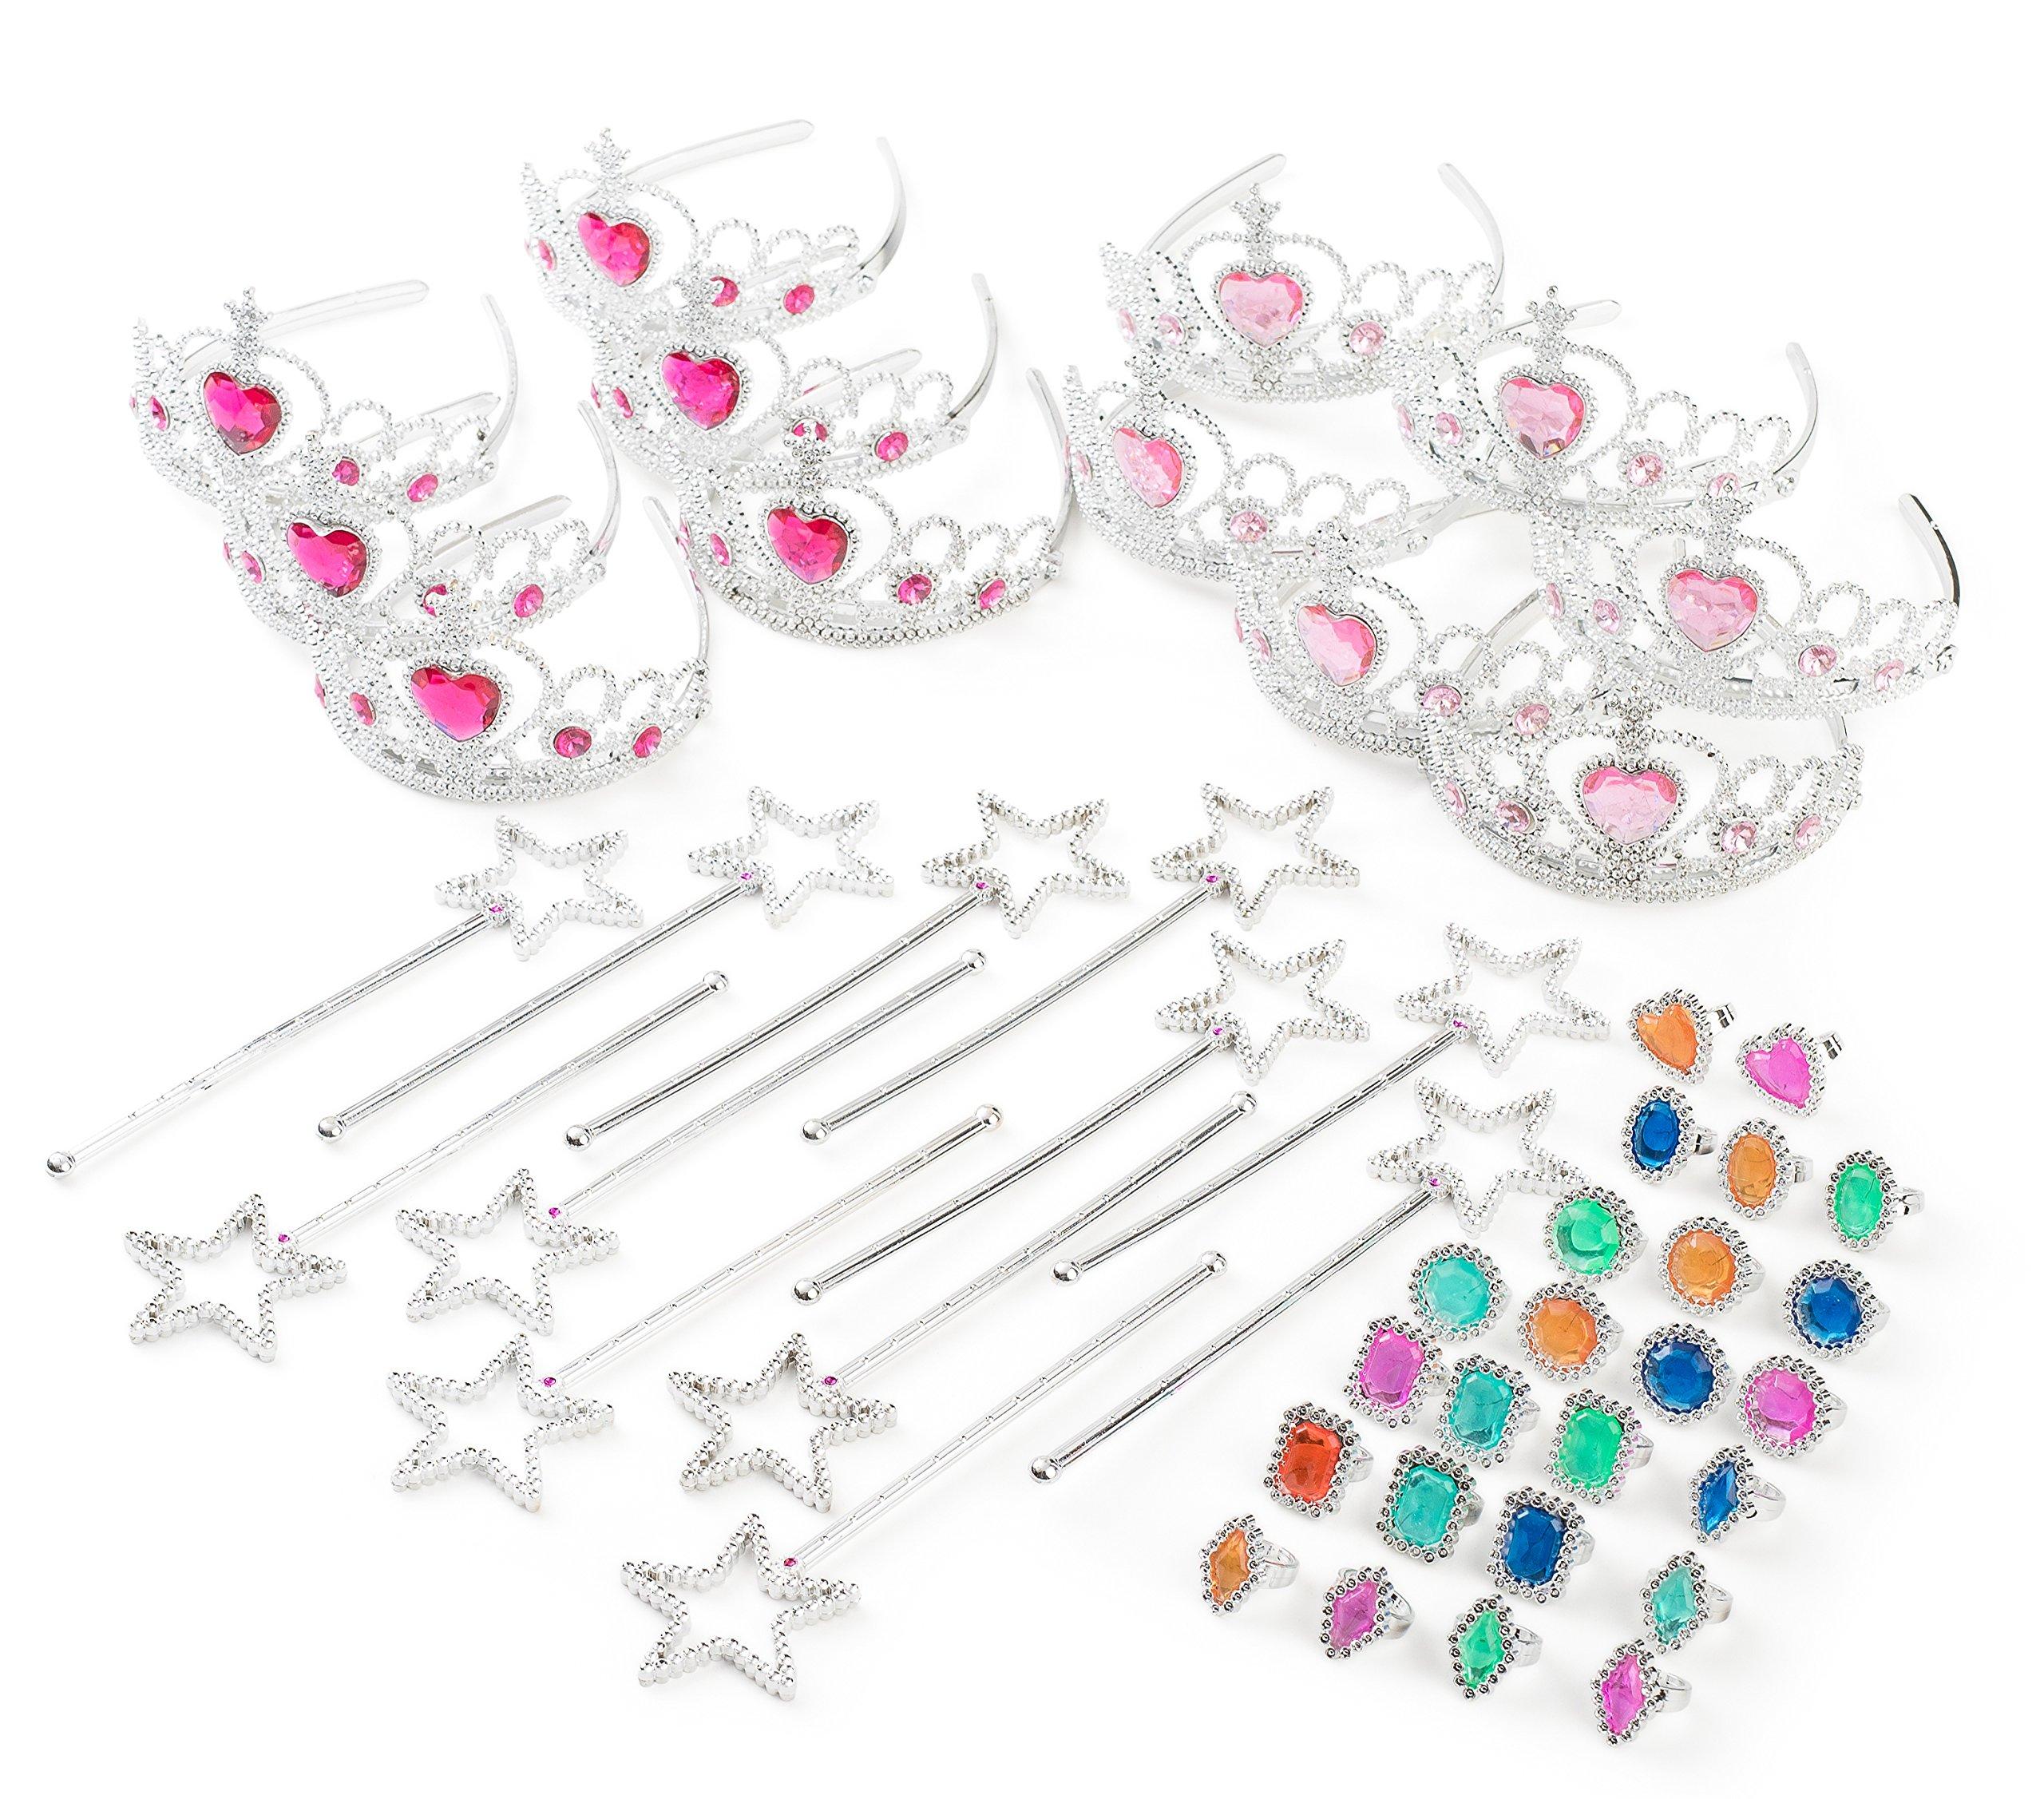 Princess Pretend Play Set - Easter Tiara Dress Up Play Set - Crowns, Wands, and Jewels - Princess Girls Party Favors - Princess Costume Party Play Set, (12 Princess Crown Tiaras, 12 Wands, 24 Rings) by Neliblu